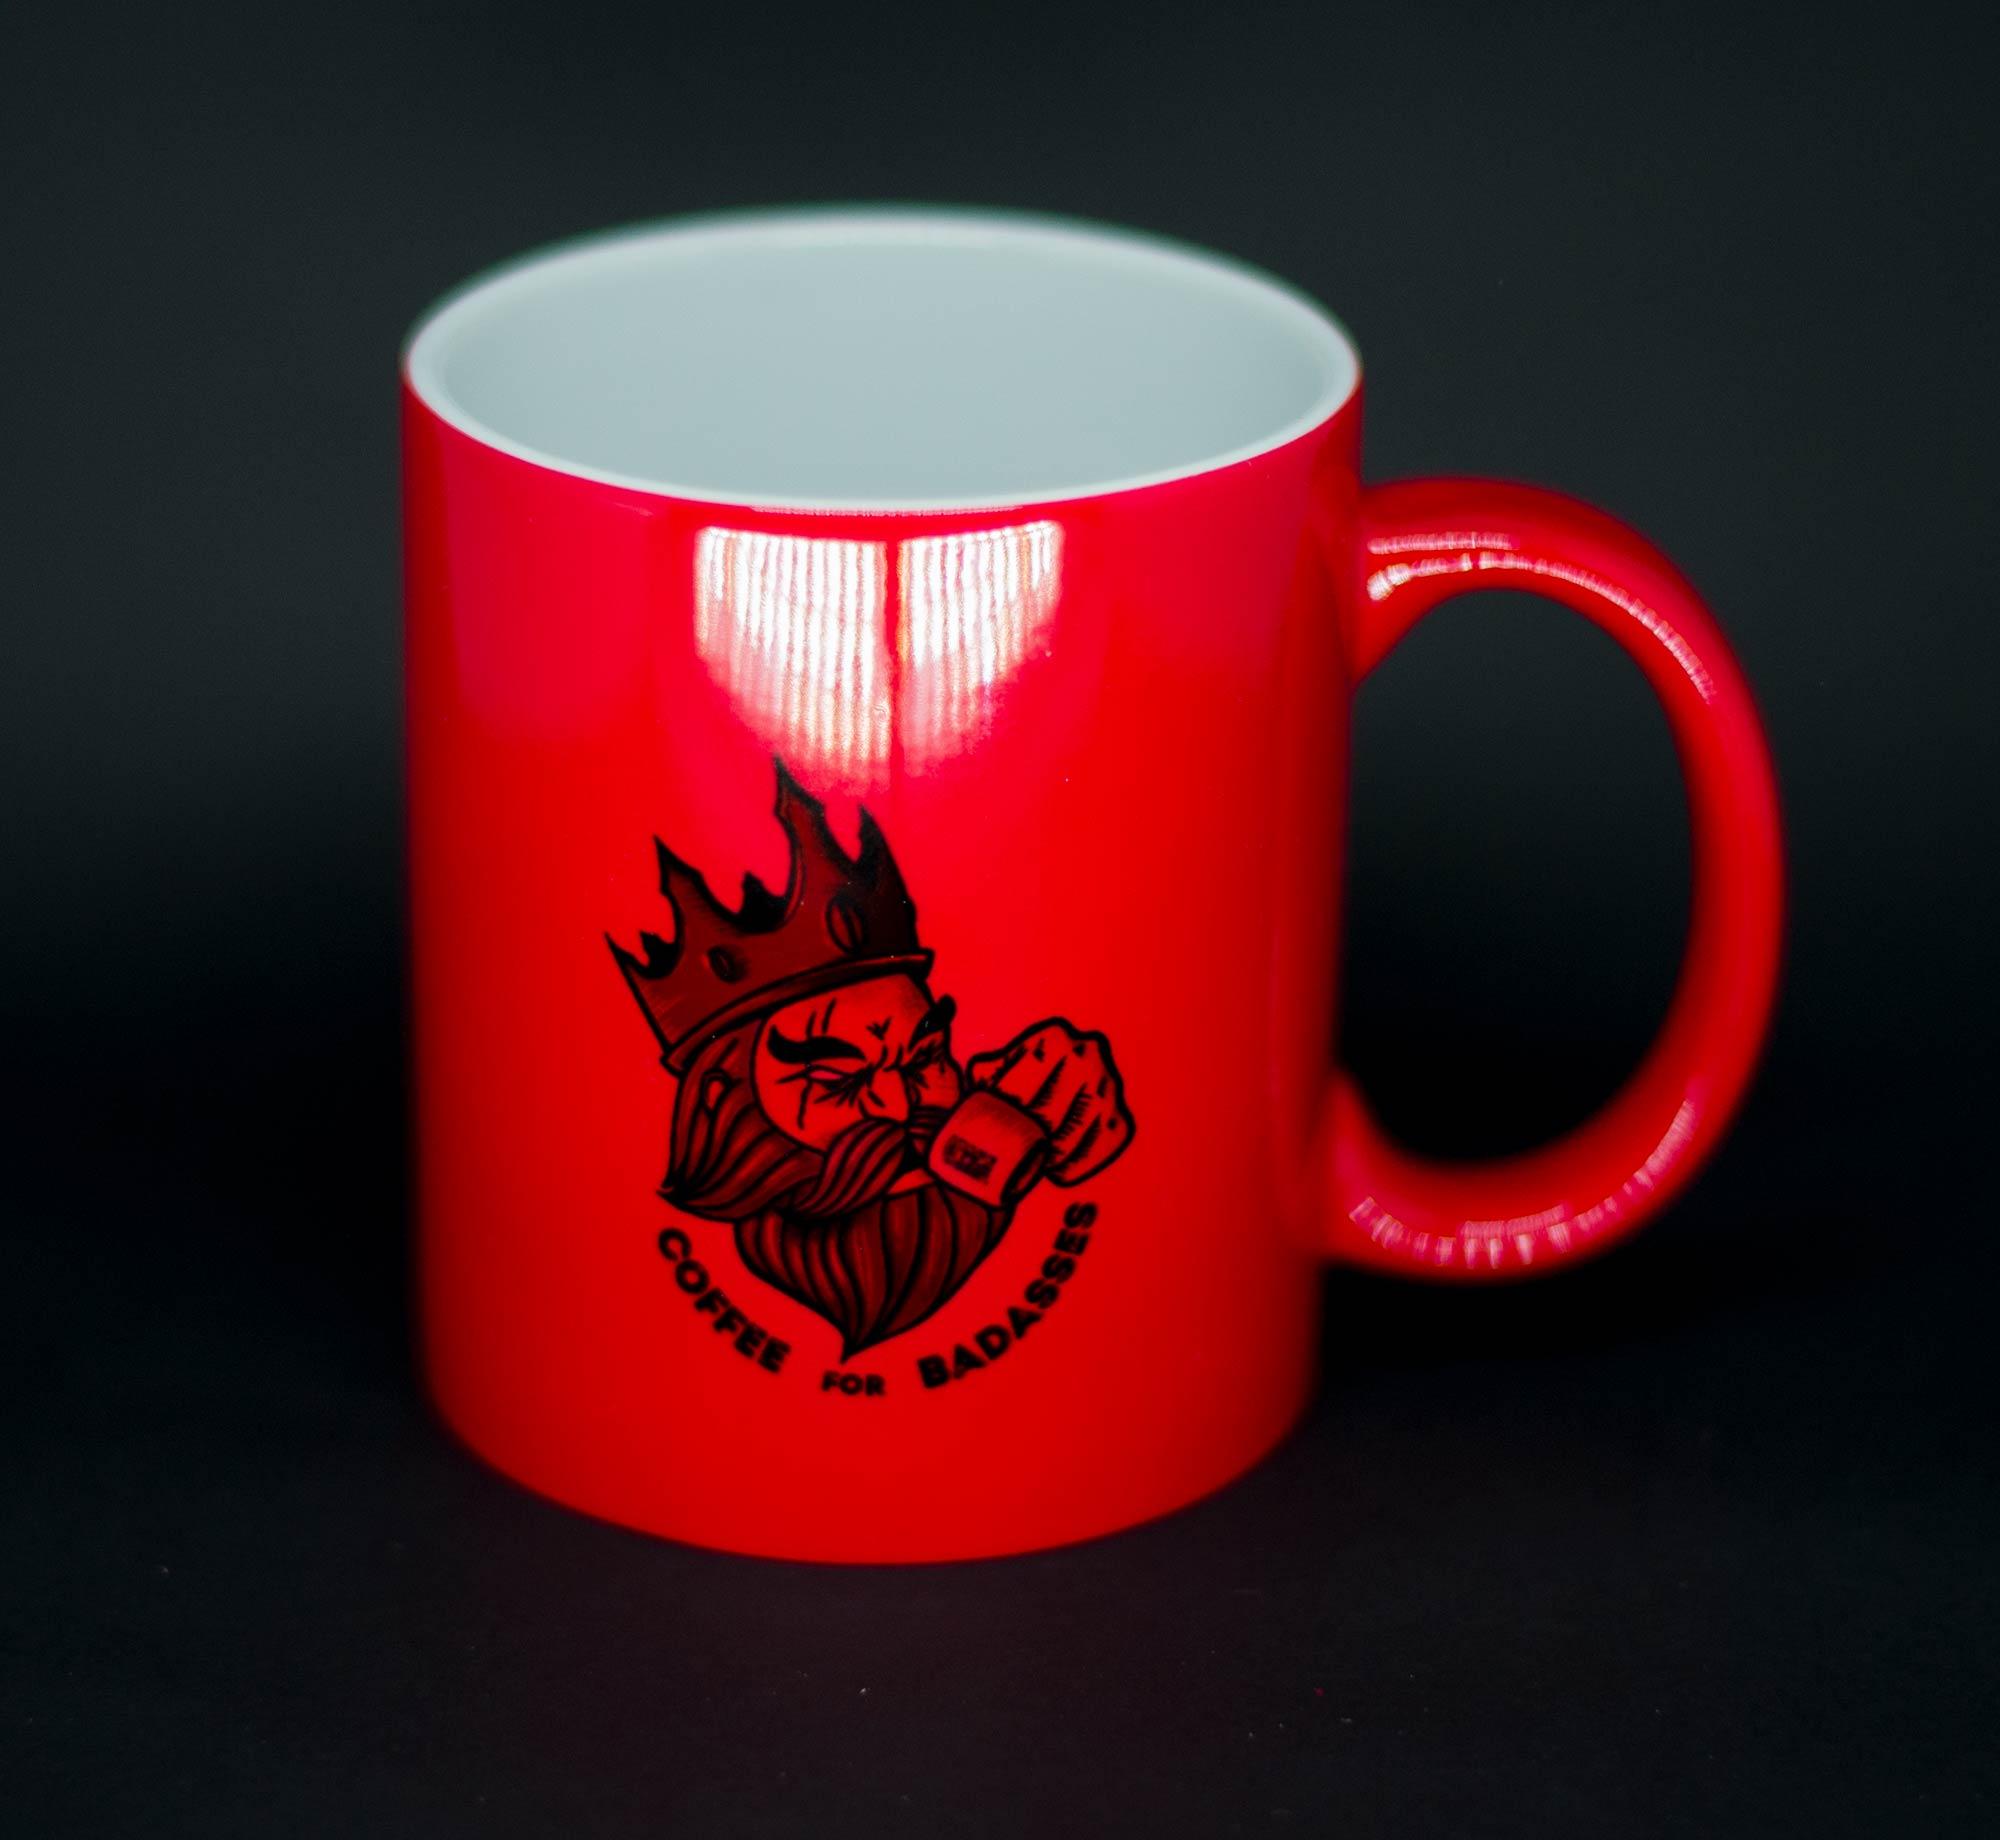 Caneca Mágica Coffee for Badasses Vermelha Brilhante